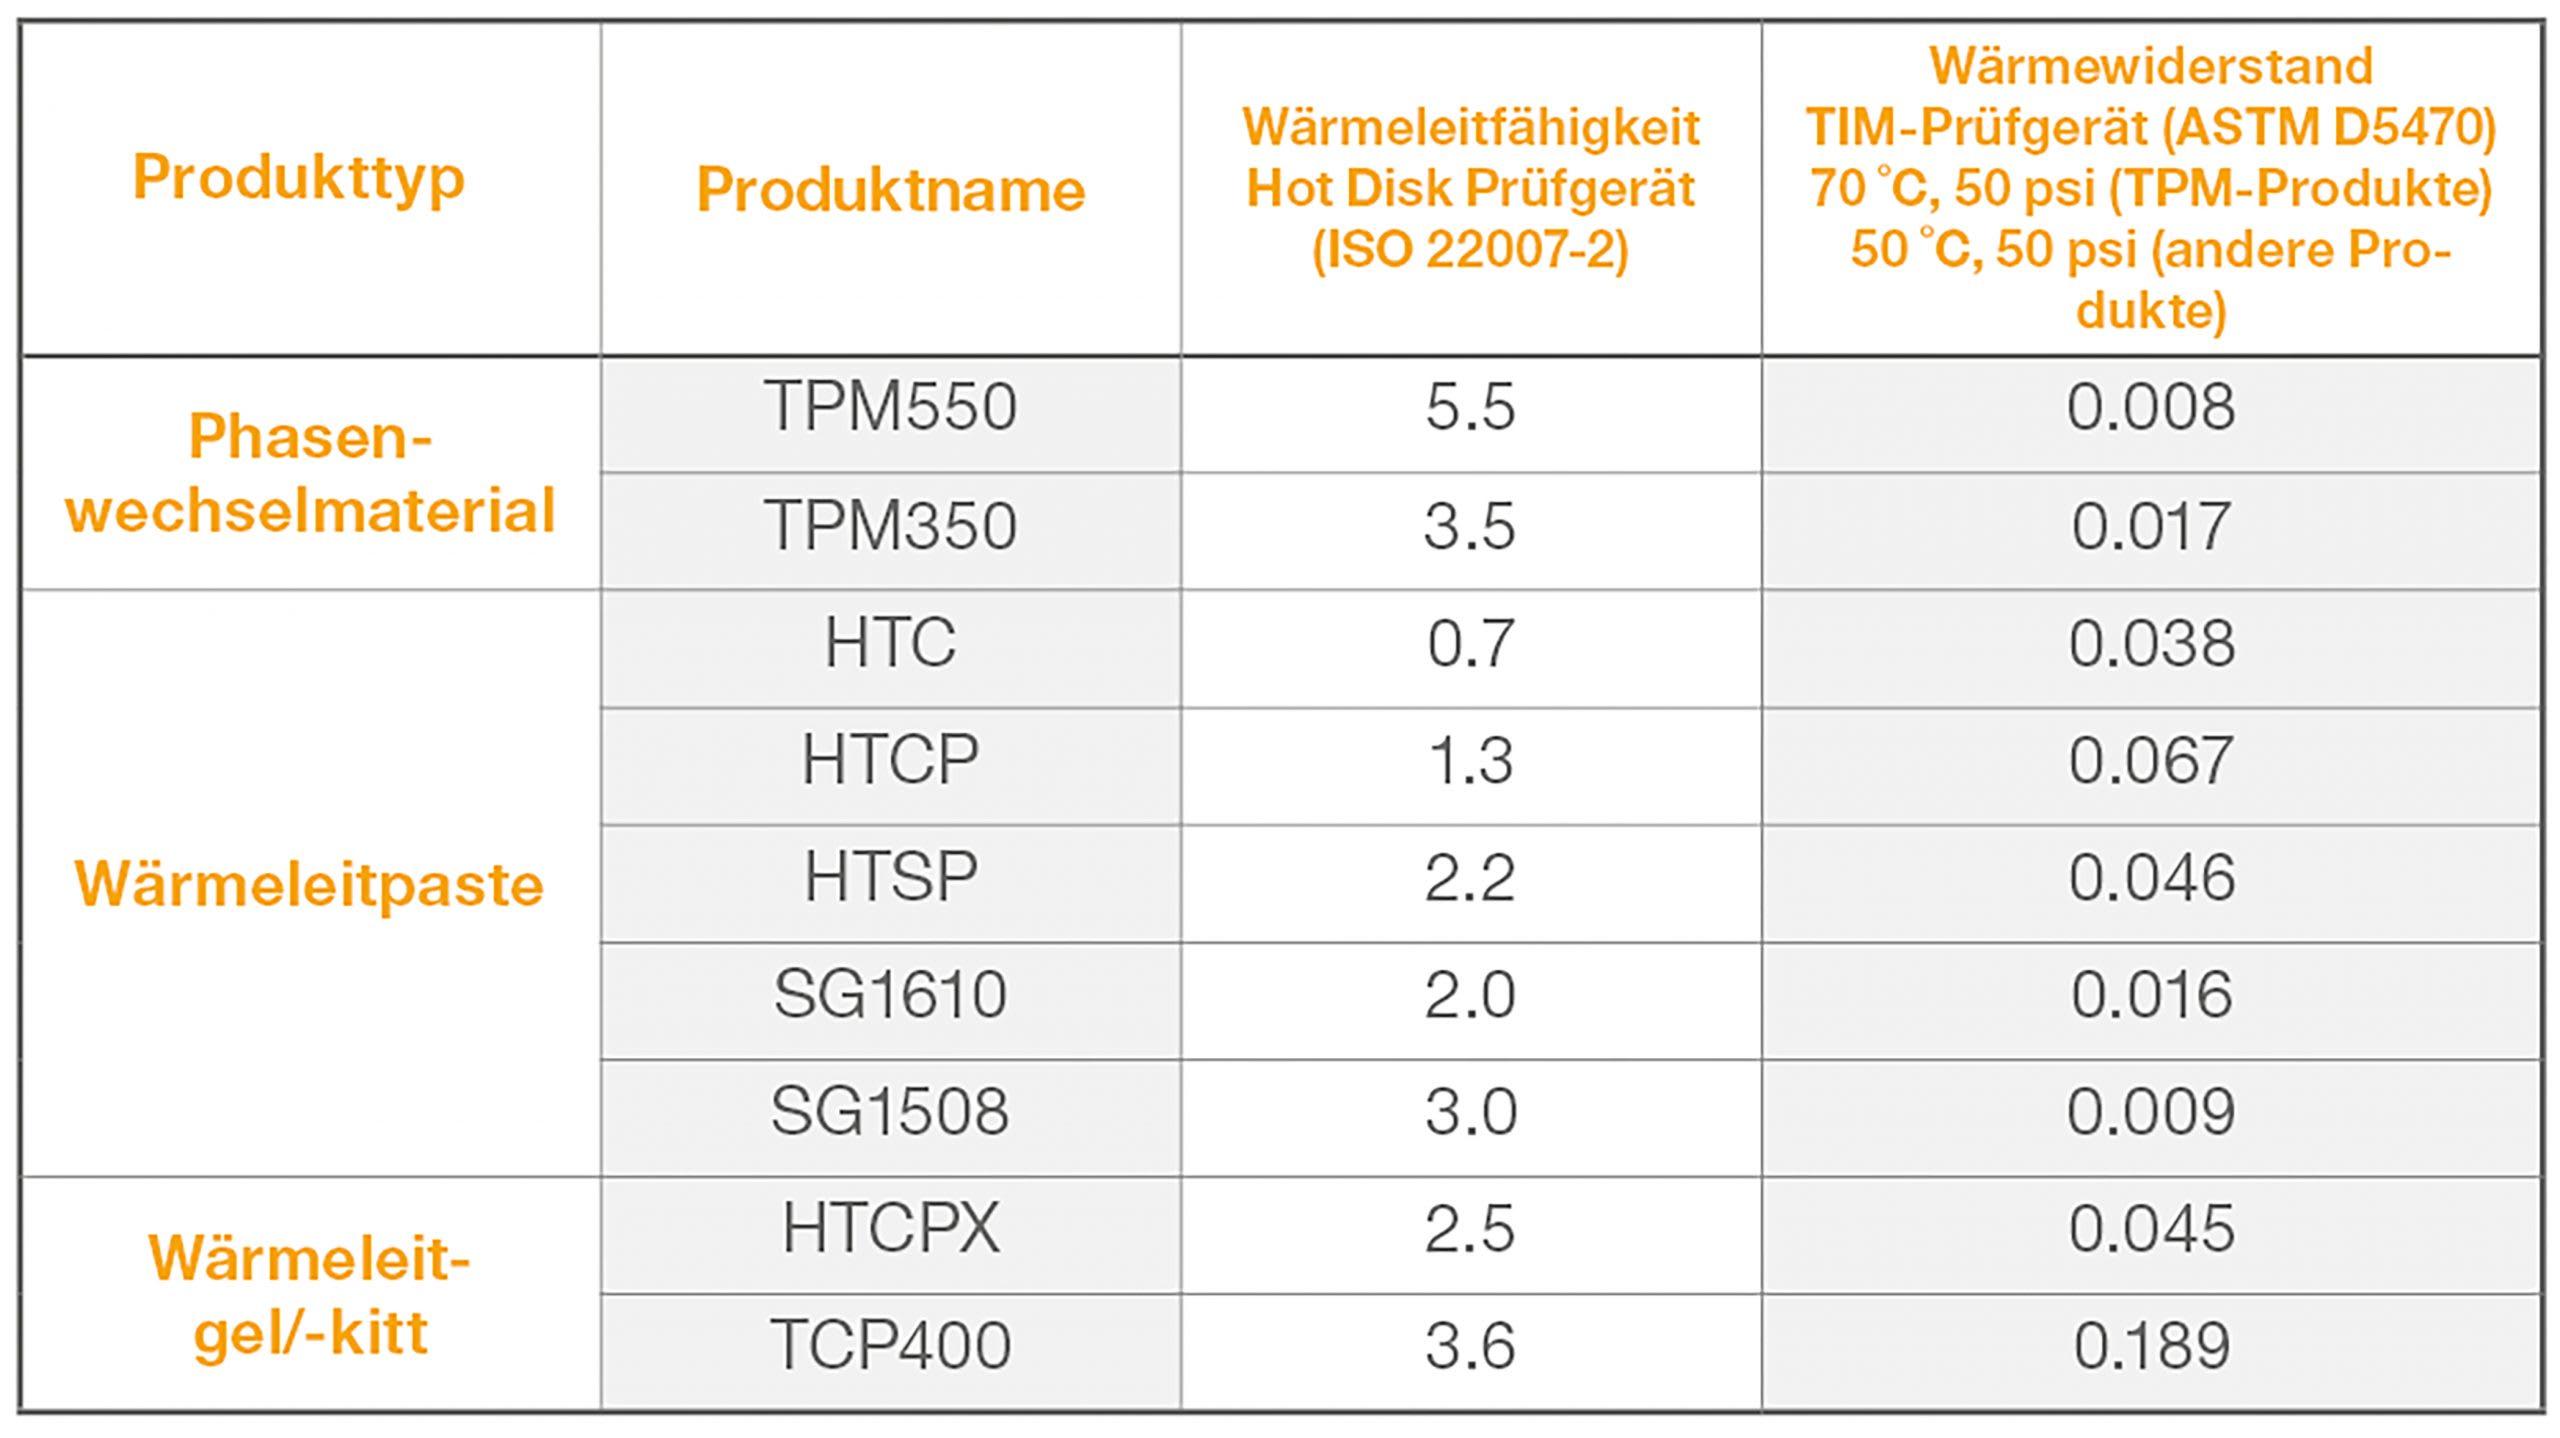 Die folgende Tabelle zeigt typische Werte für die Wärmeleitfähigkeit und den thermischen Widerstand von Wärmeleitpasten im Vergleich zu PCM aus dem Angebot an Wärmeleitprodukten von Electrolube: